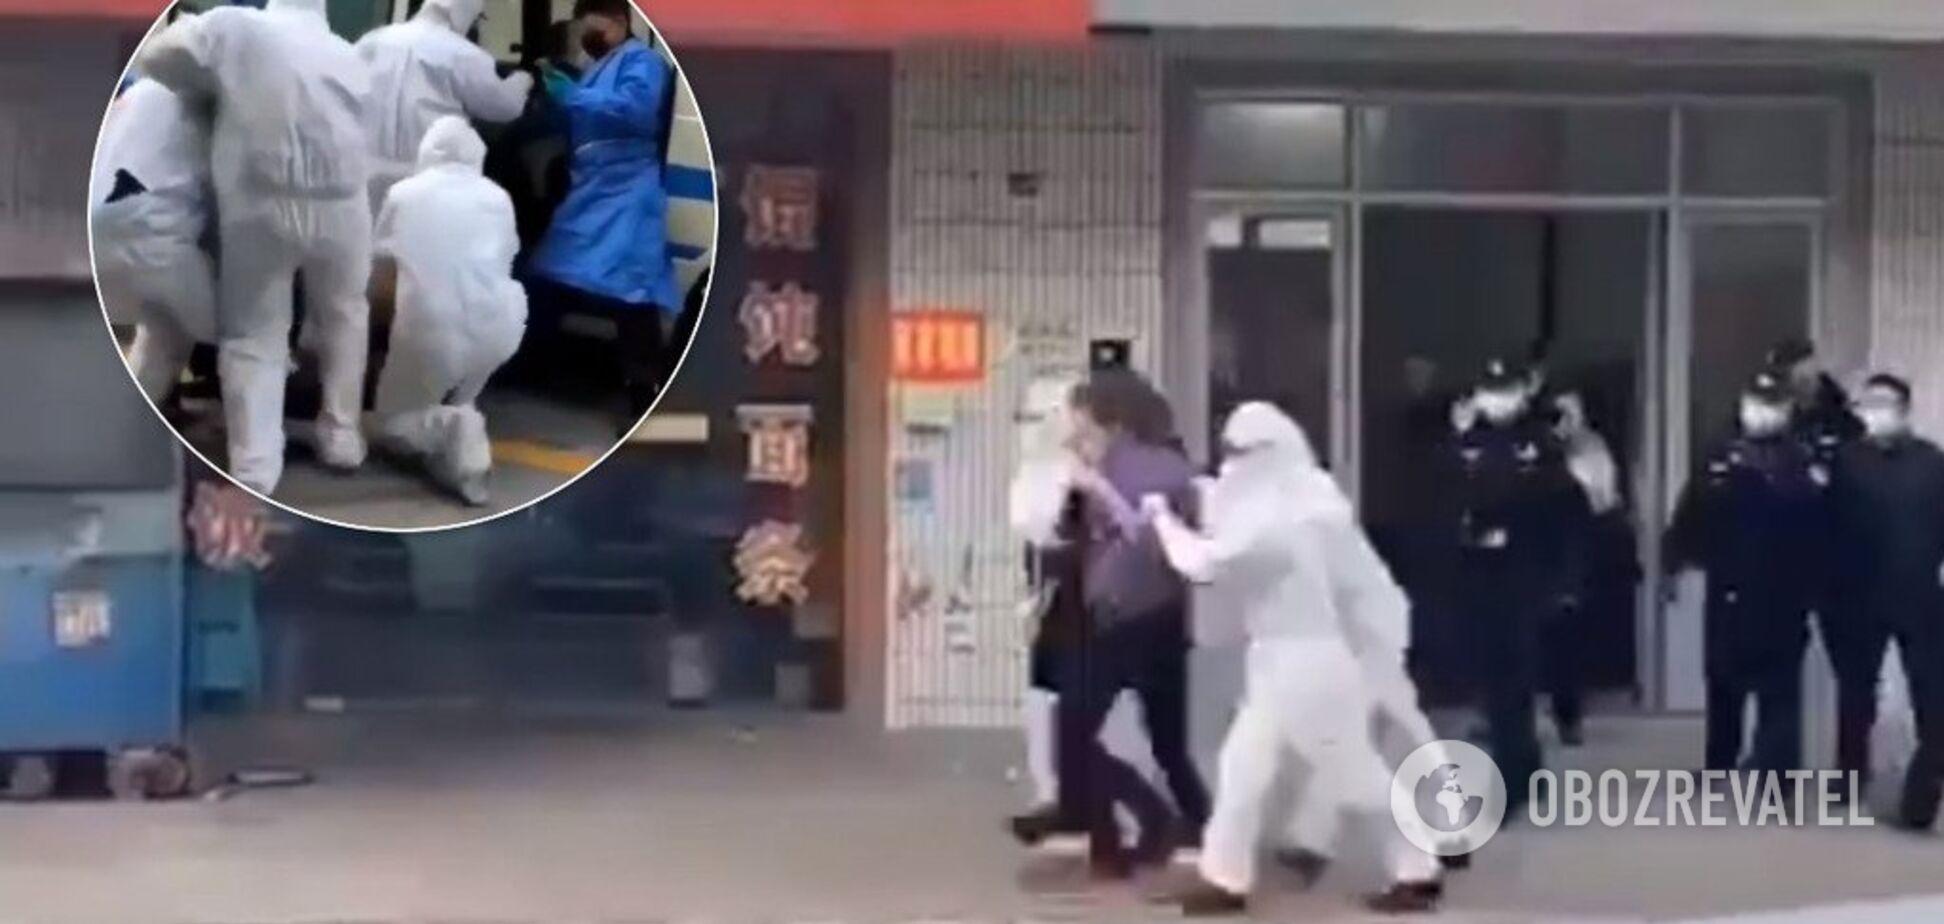 Хватают и вывозят: в Китае начали ловить на улицах подозреваемых на коронавирус. Видео